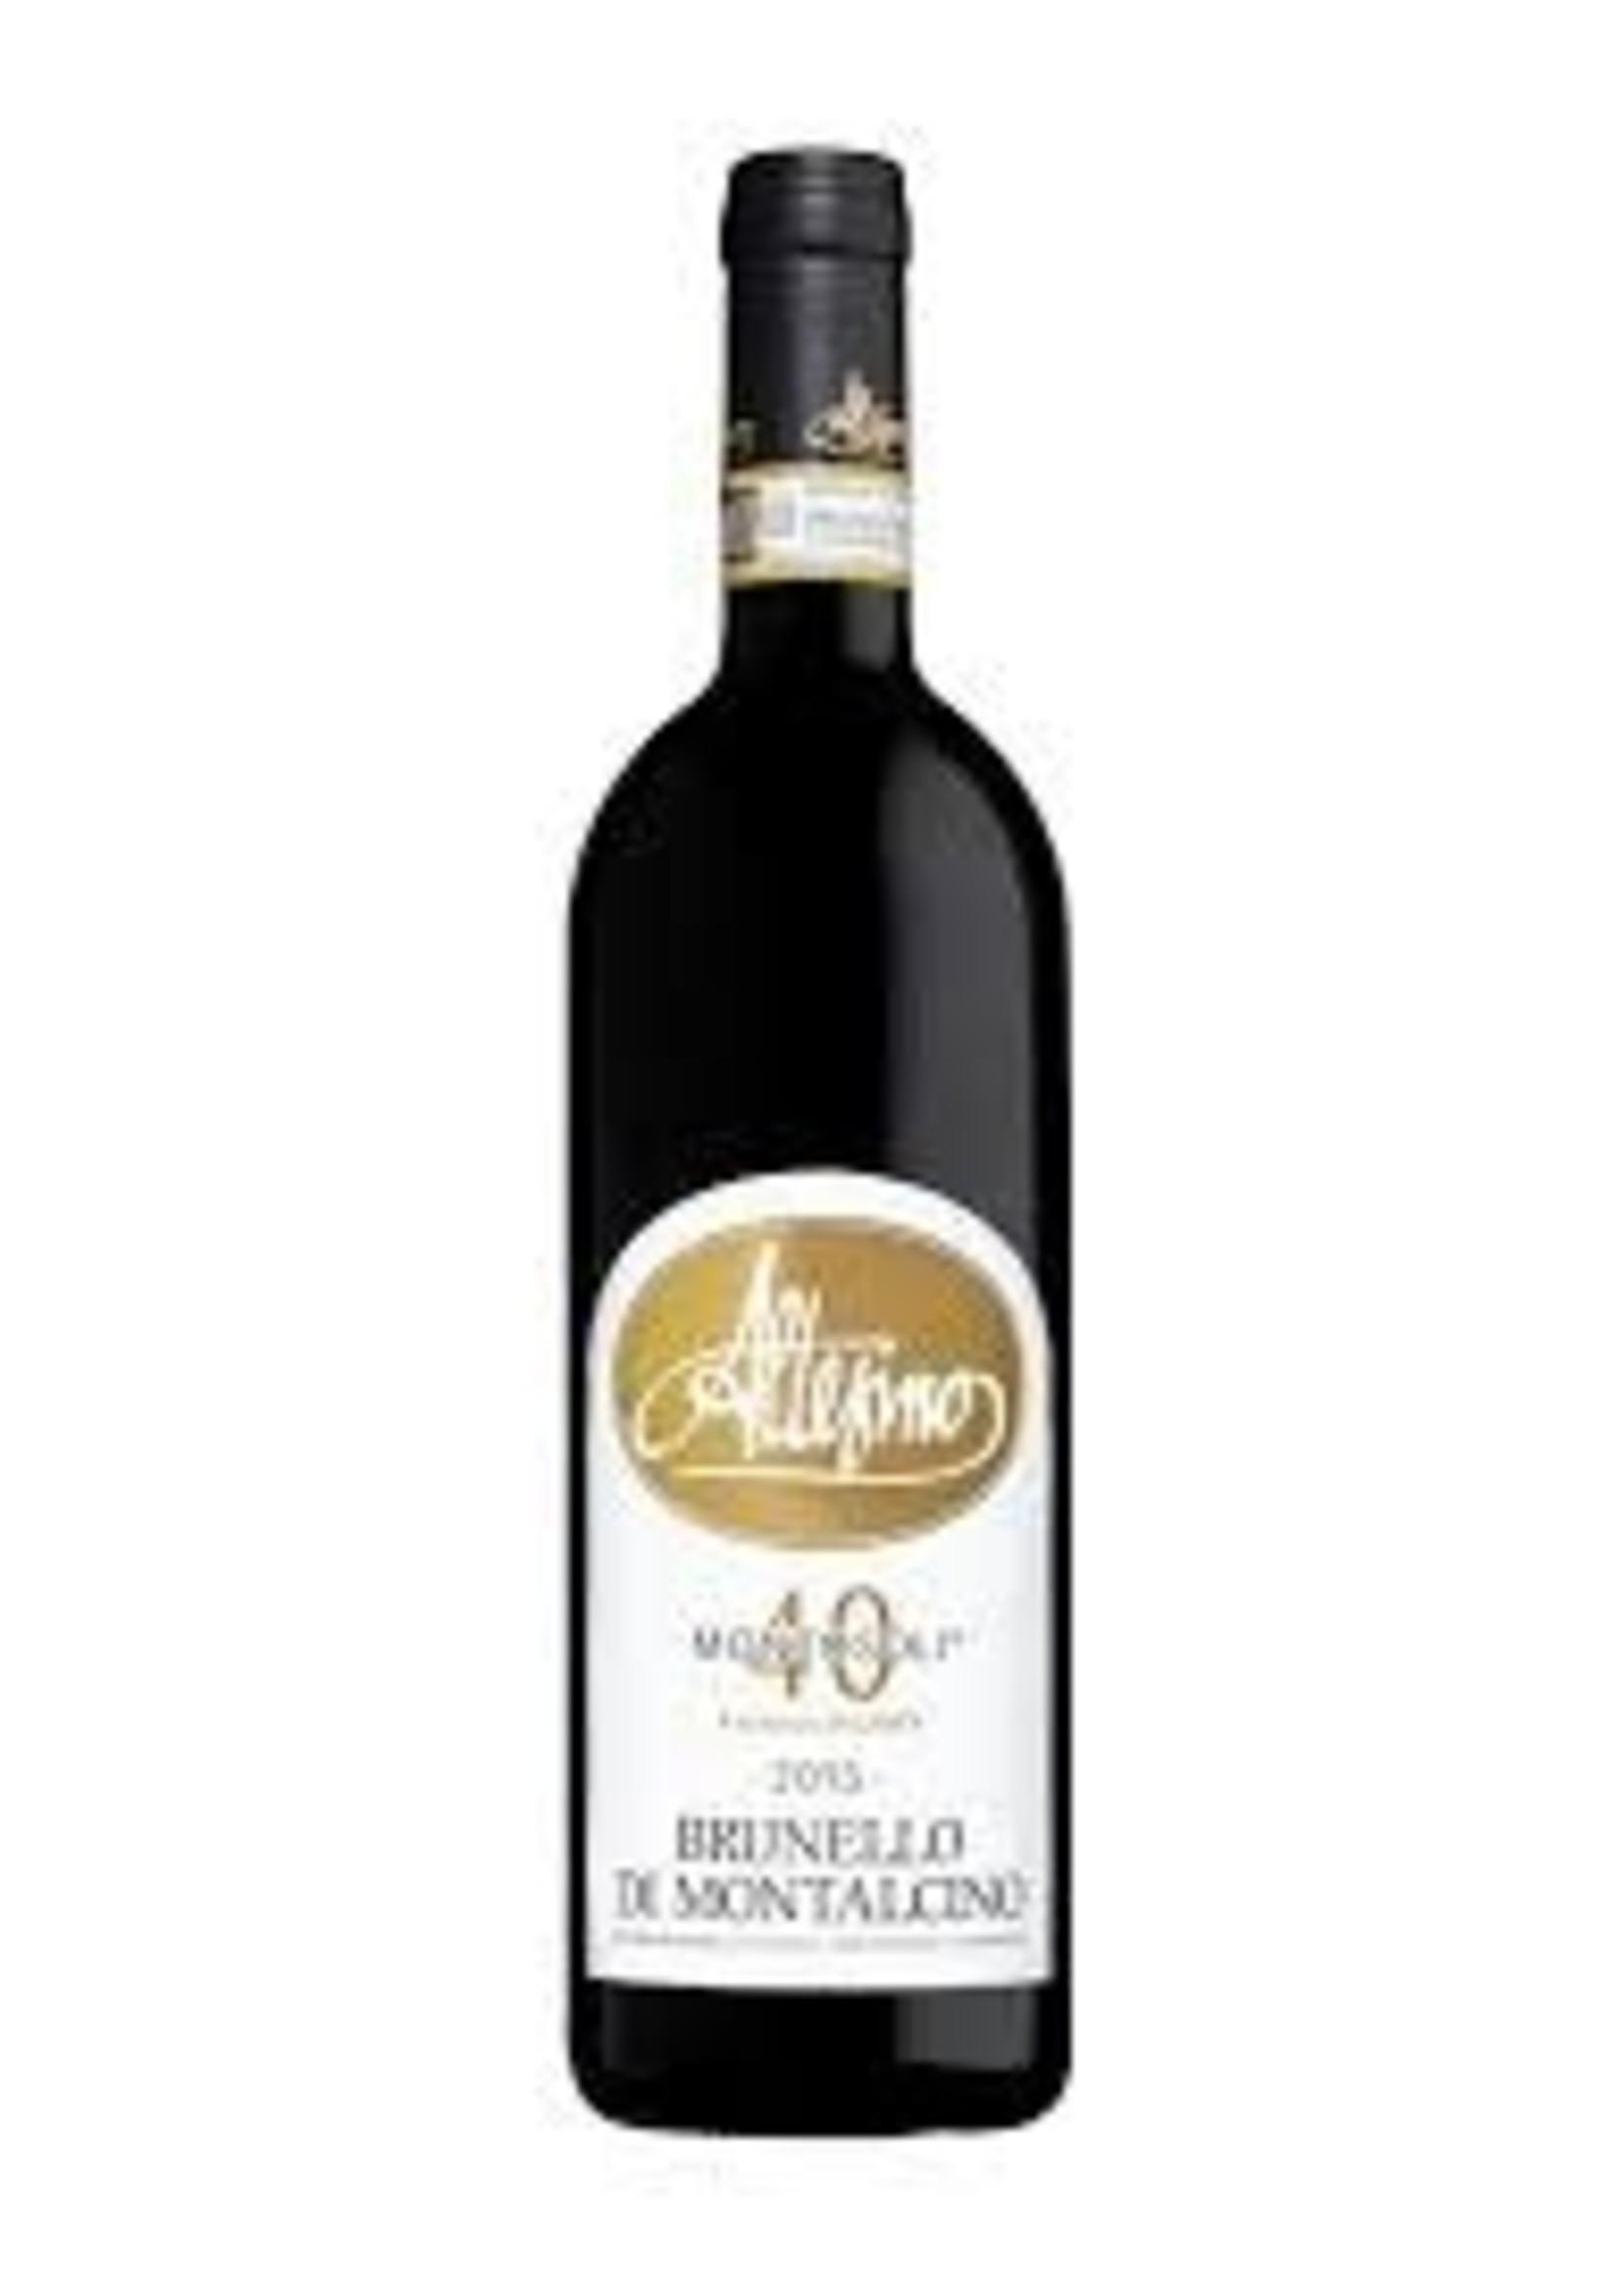 Altesino 2015 Montosoli Brunello di Montalcino 750ml